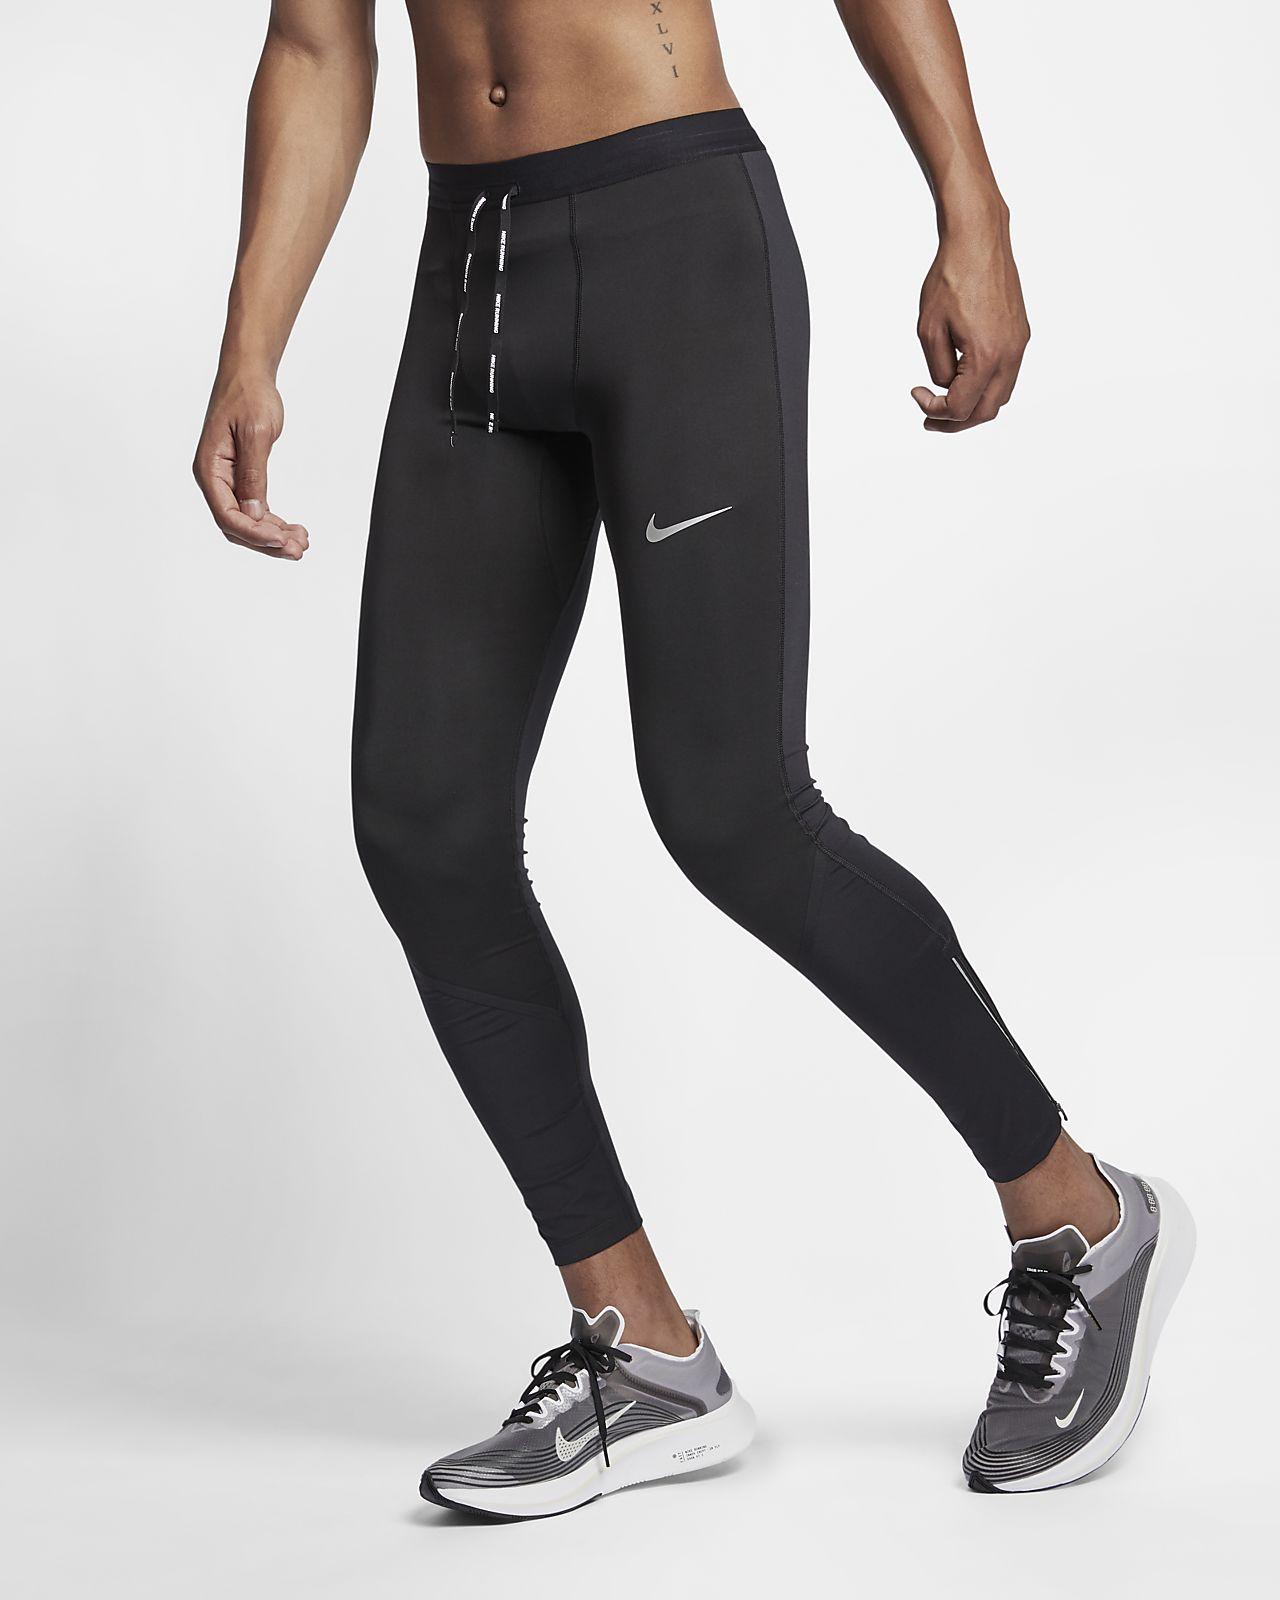 Nike Power Tech-løbetights til mænd